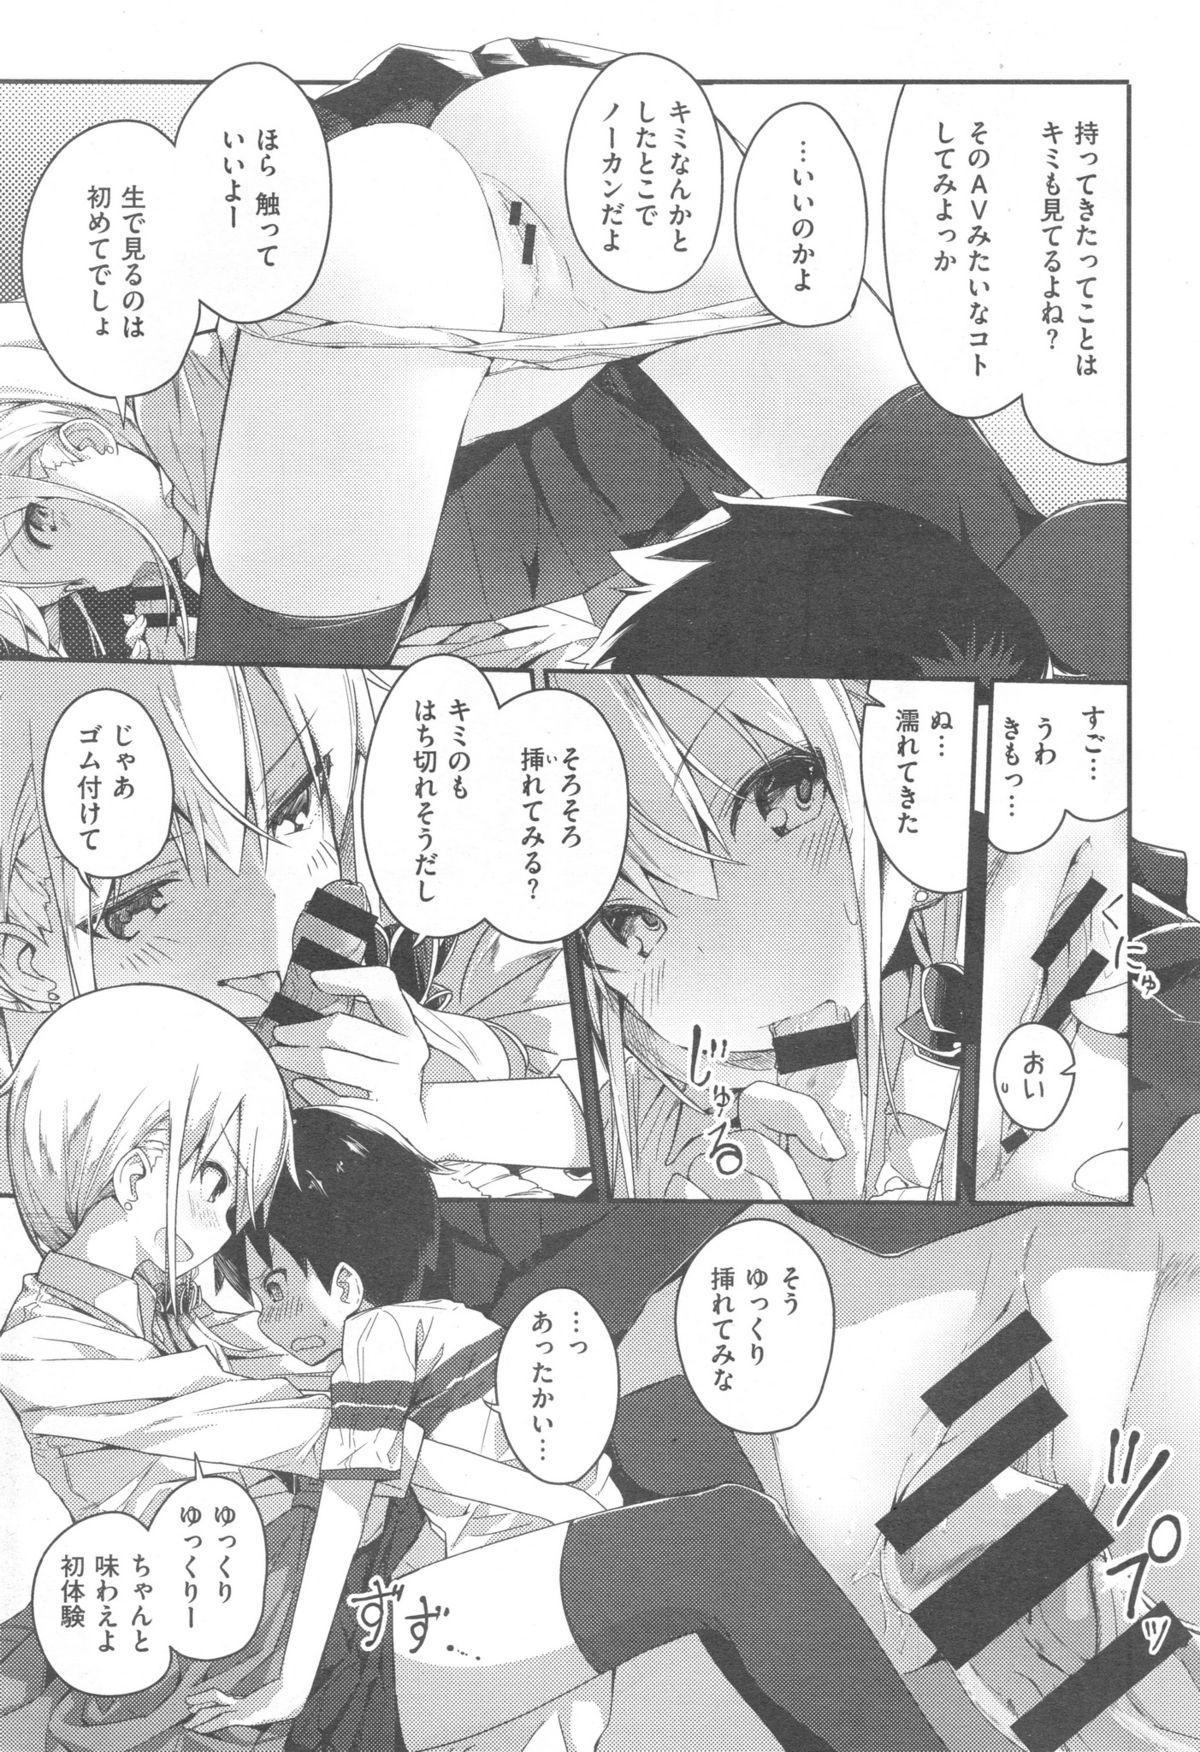 COMIC Kairakuten XTC Vol. 5 167